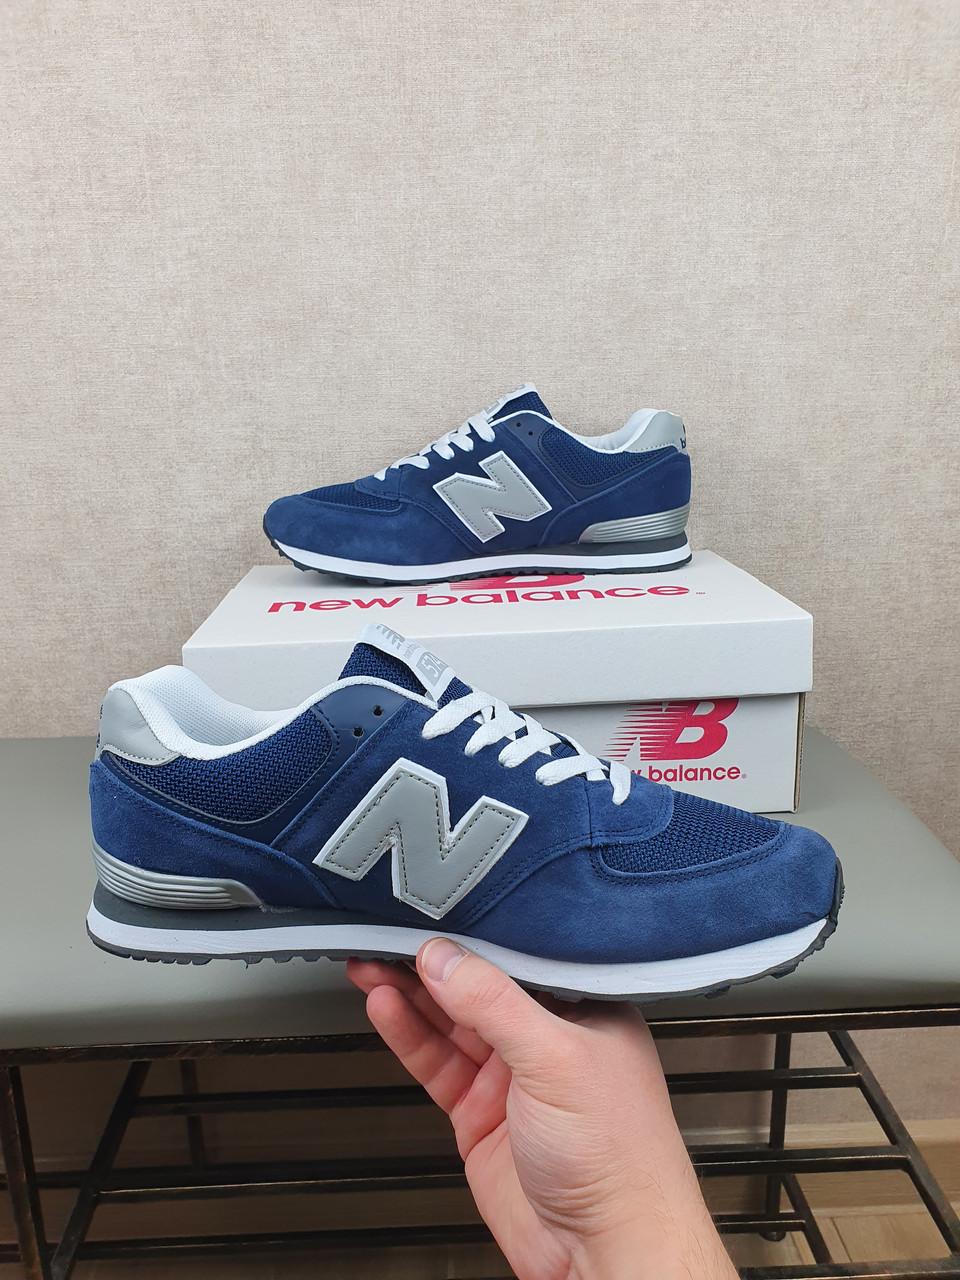 Кросівки чоловічі весняні сині з сірим New Balance 574. Кроси на весну Нью Беланс 574 замша сітка